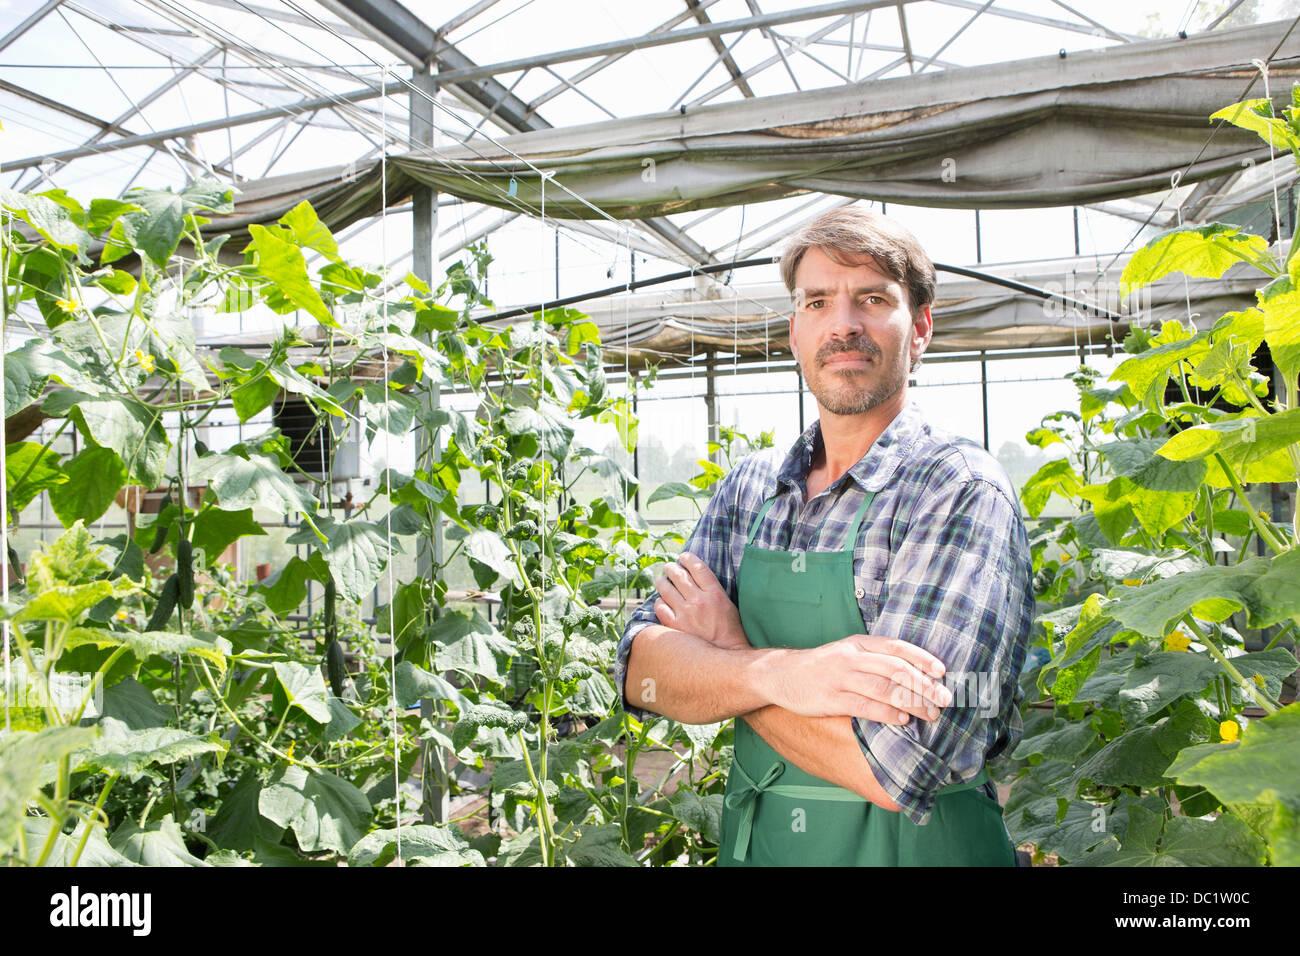 Ritratto di agricoltore biologico accanto a piante di cetriolo in polytunnel Immagini Stock